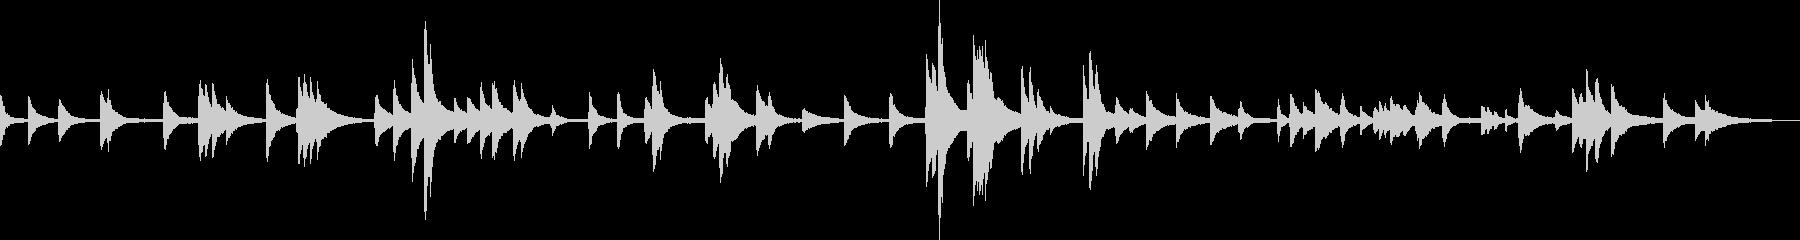 優しくて切ないピアノ曲の未再生の波形